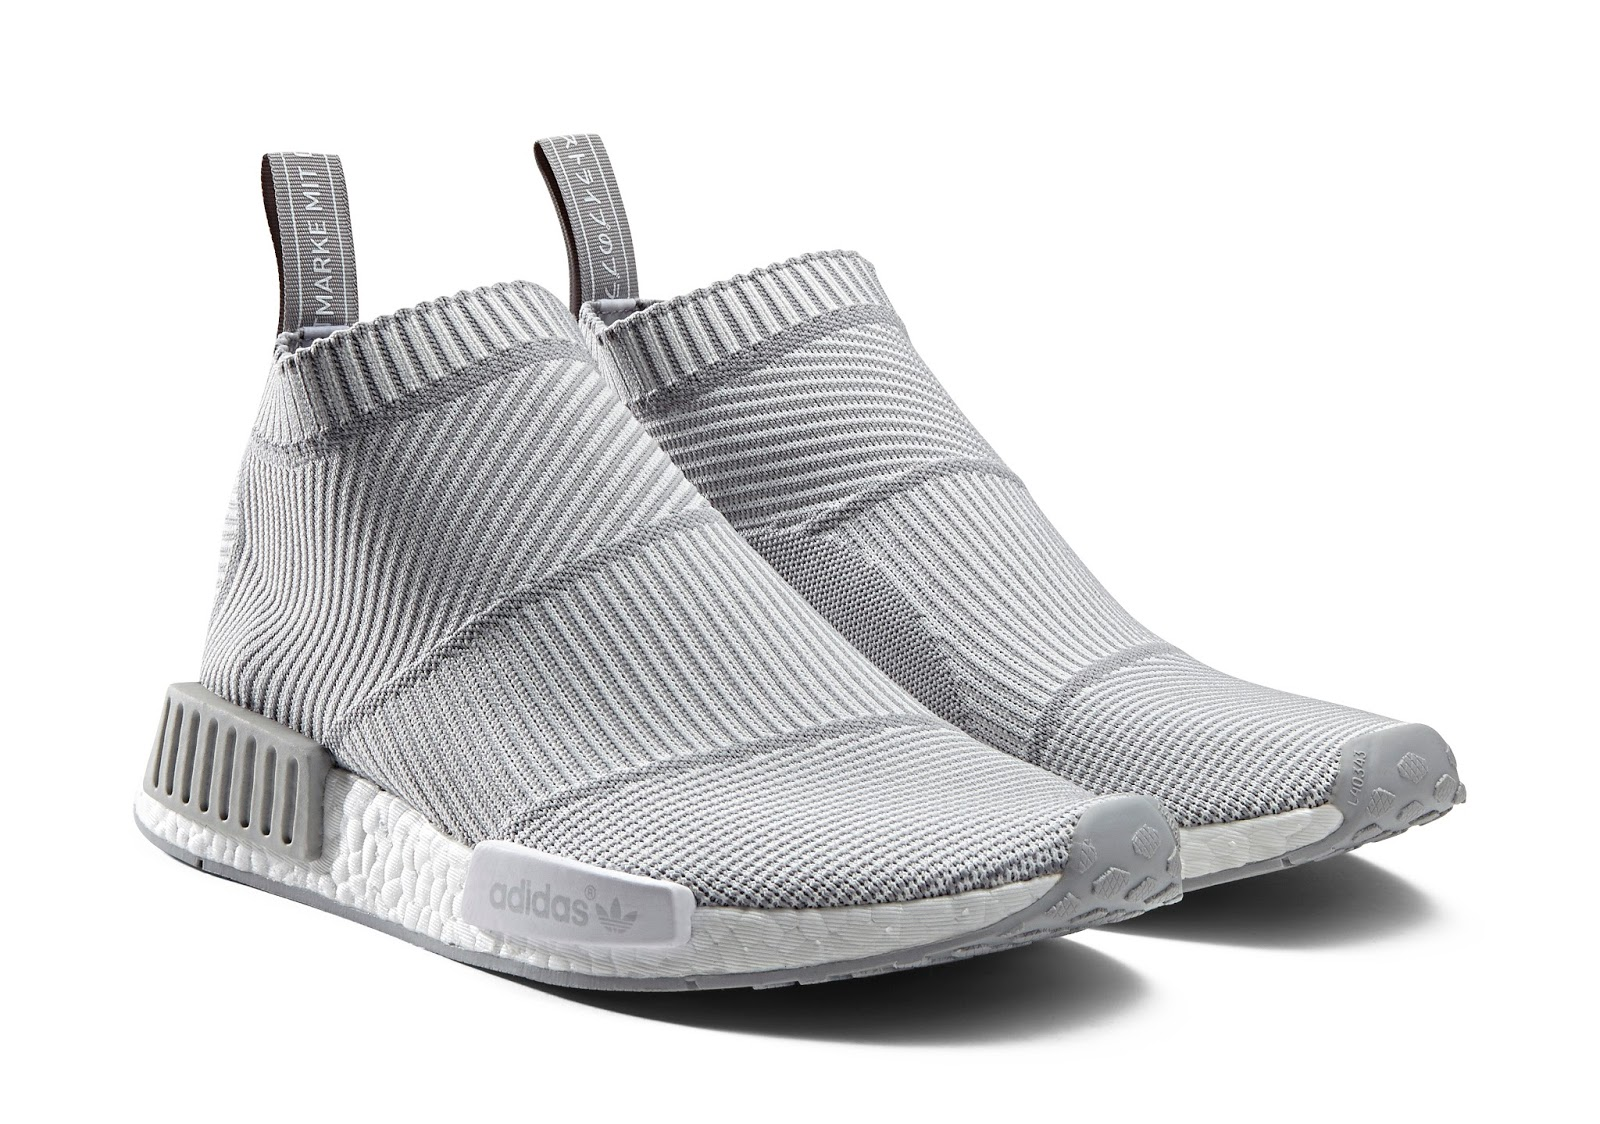 Adidas Baby Shoes China